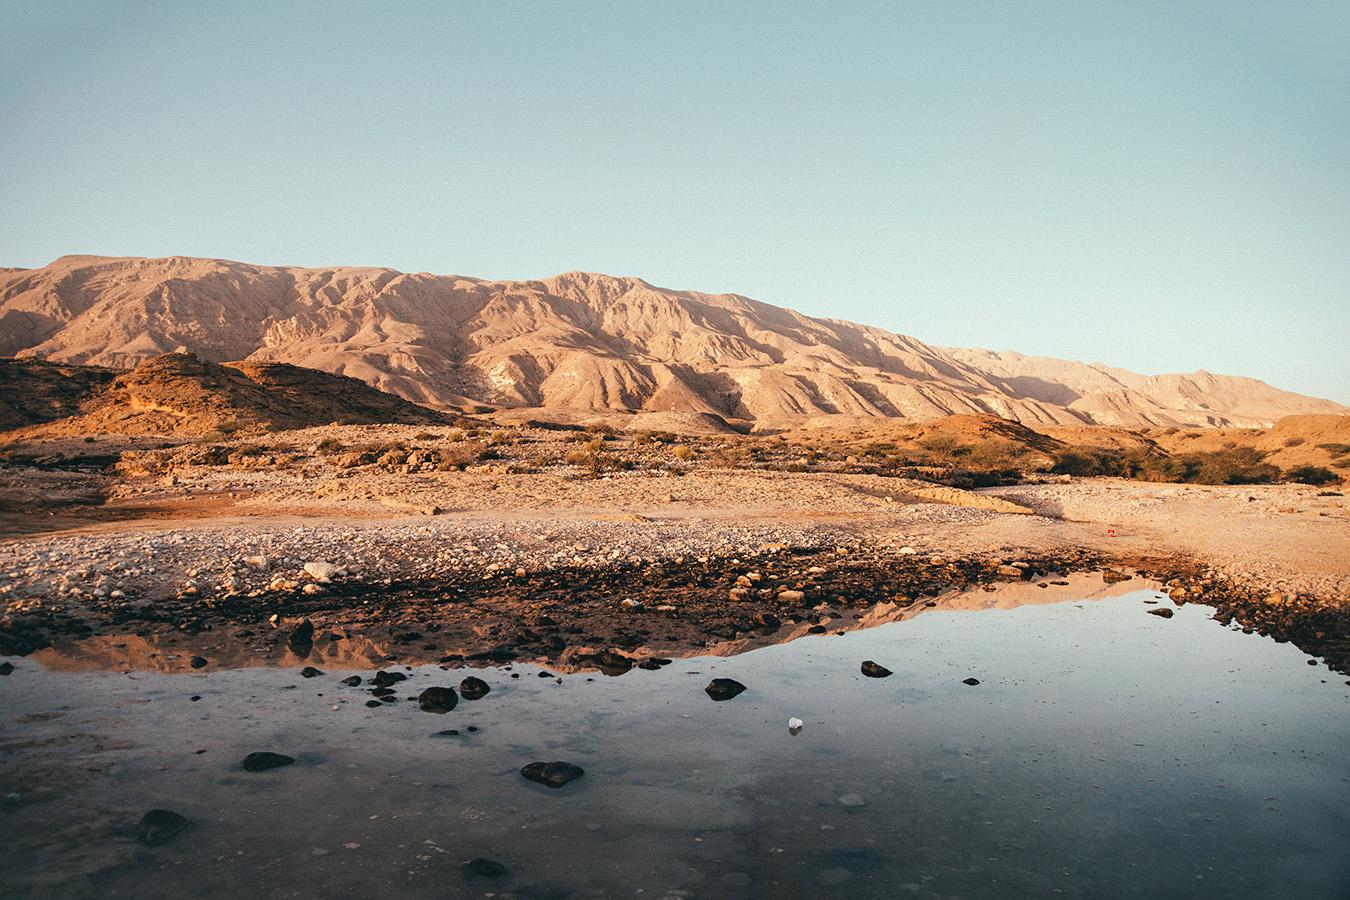 krajobraz w Omanie